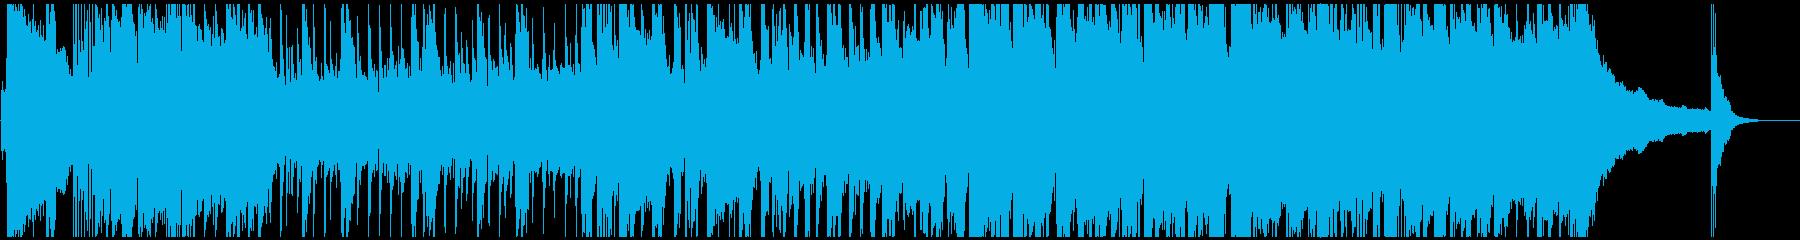 ライダー的な戦隊モノ ヒーロー 登場曲の再生済みの波形